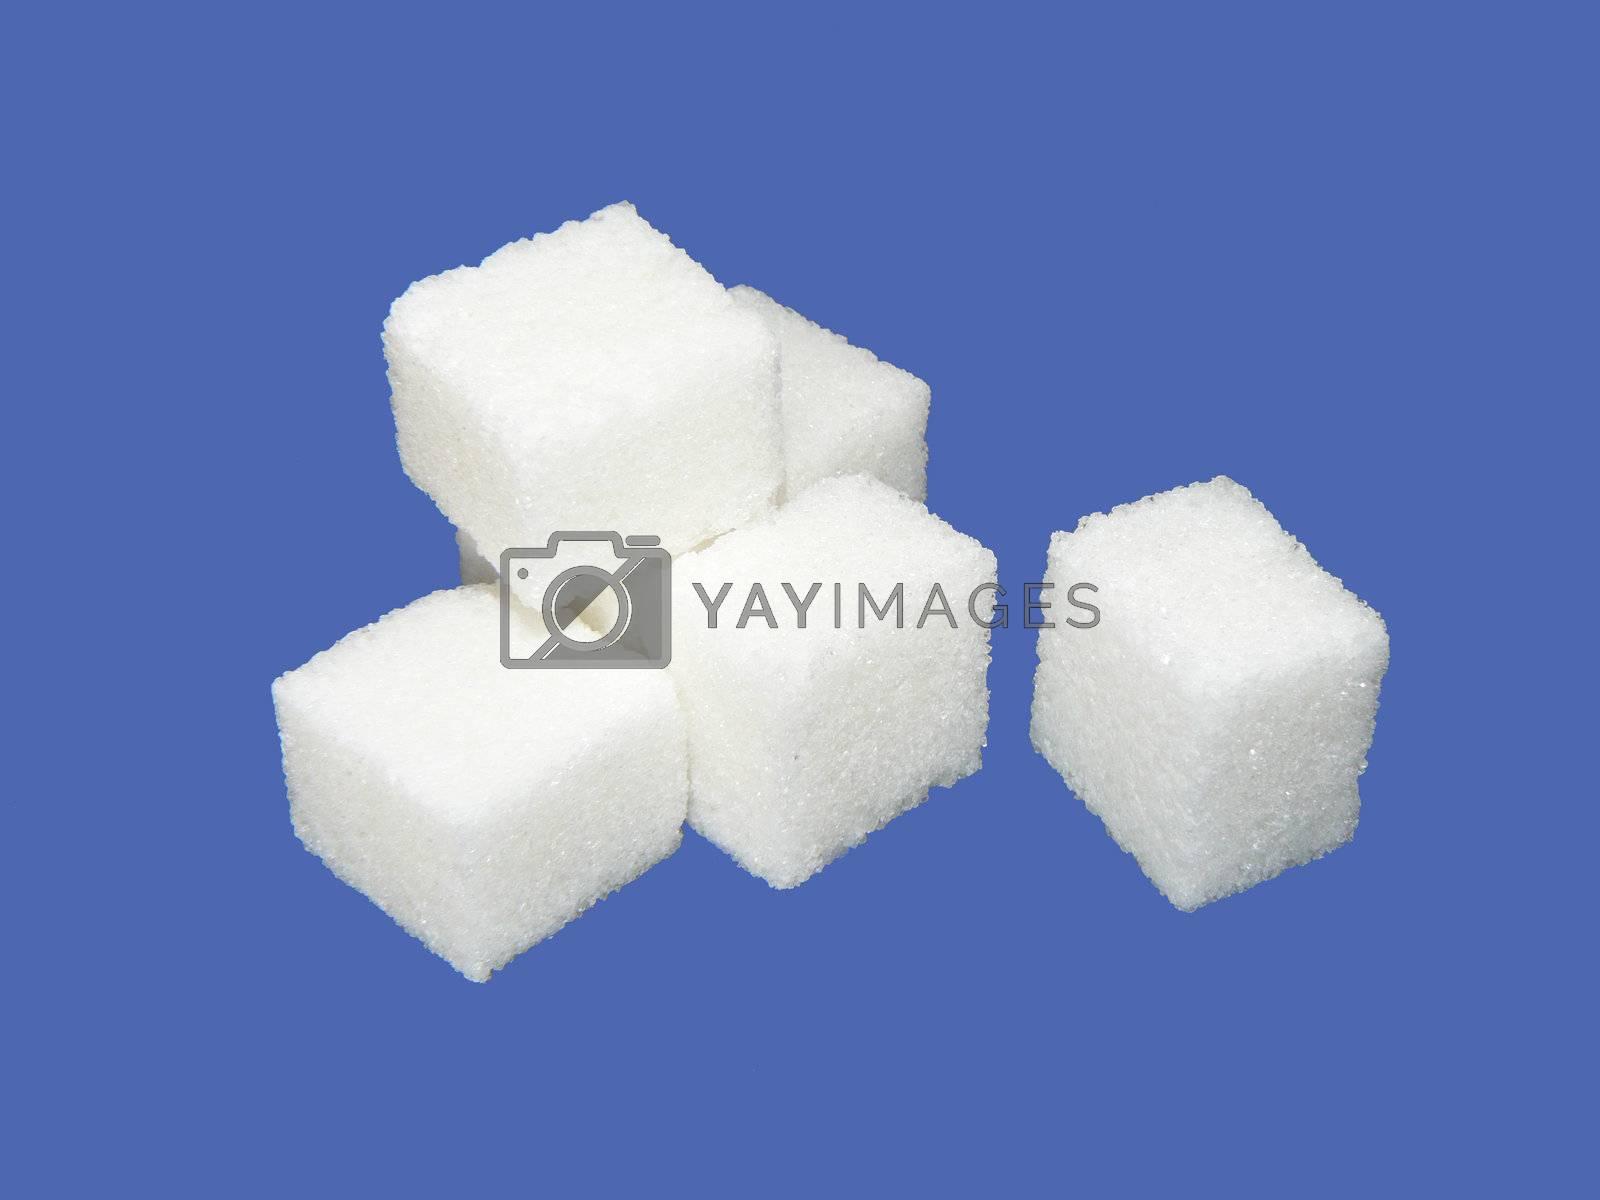 Sugar crystal on blue background